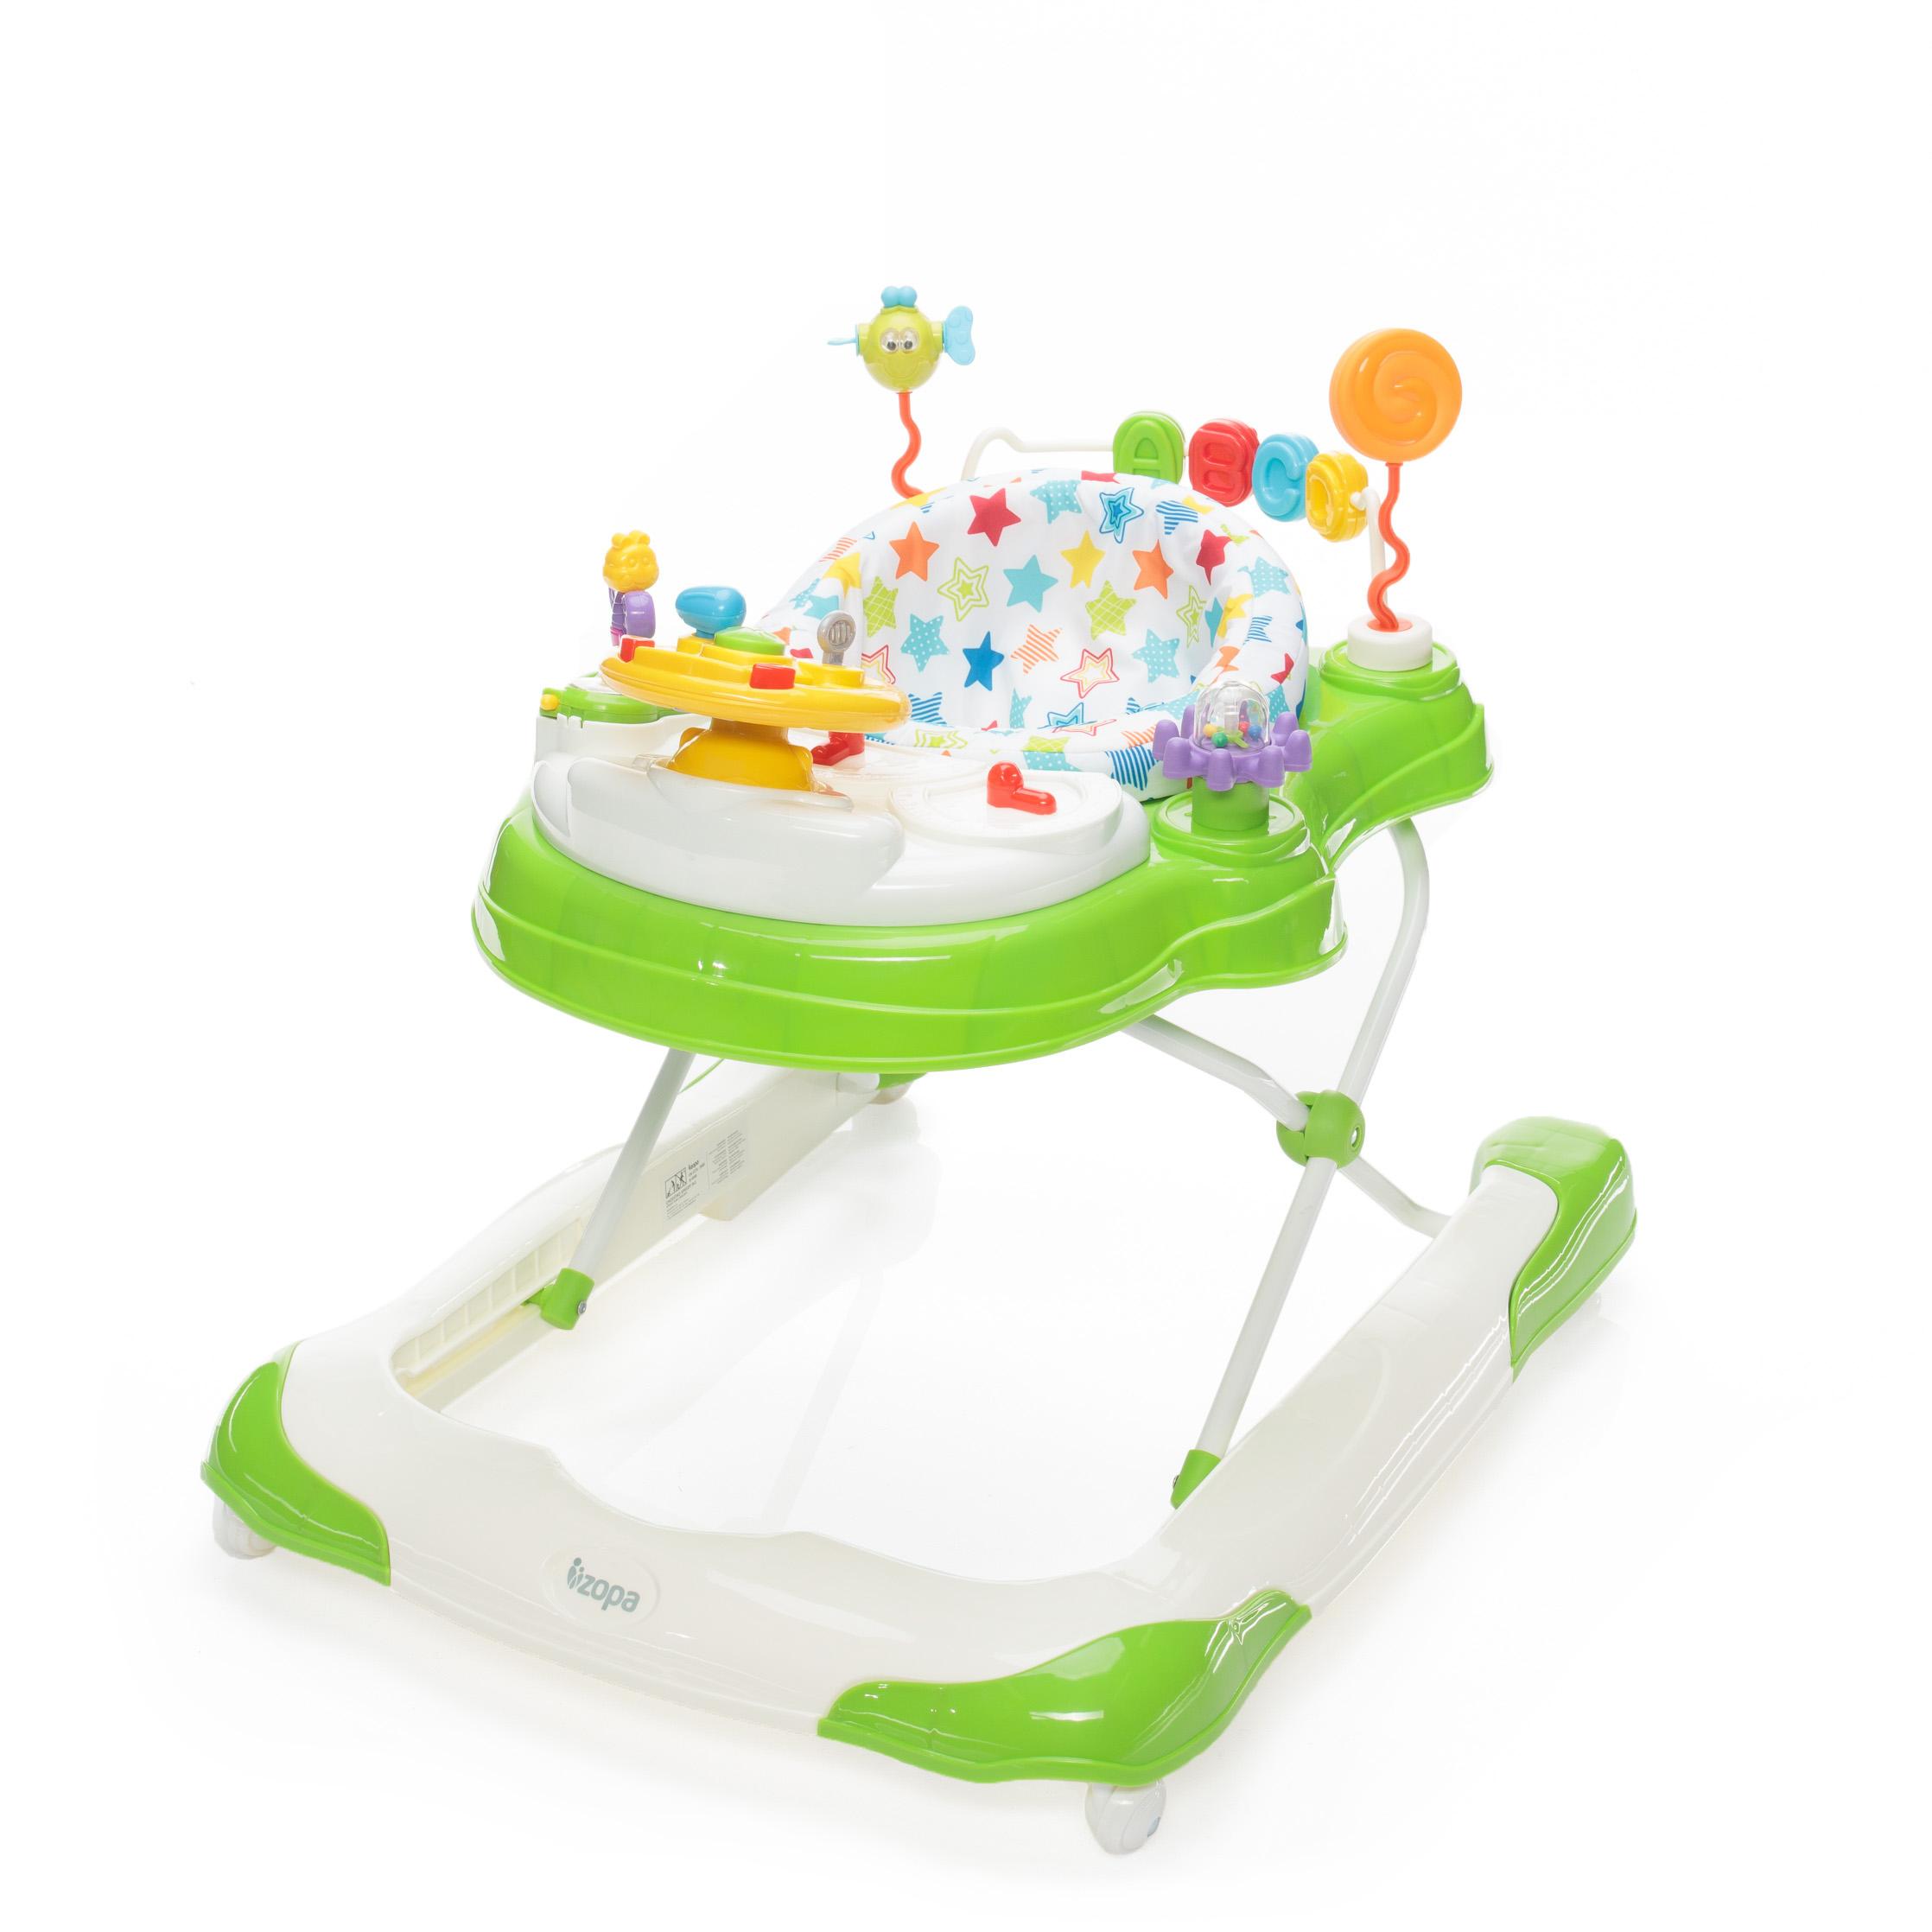 Dětské chodítko Moby 3v1, Jelly Green